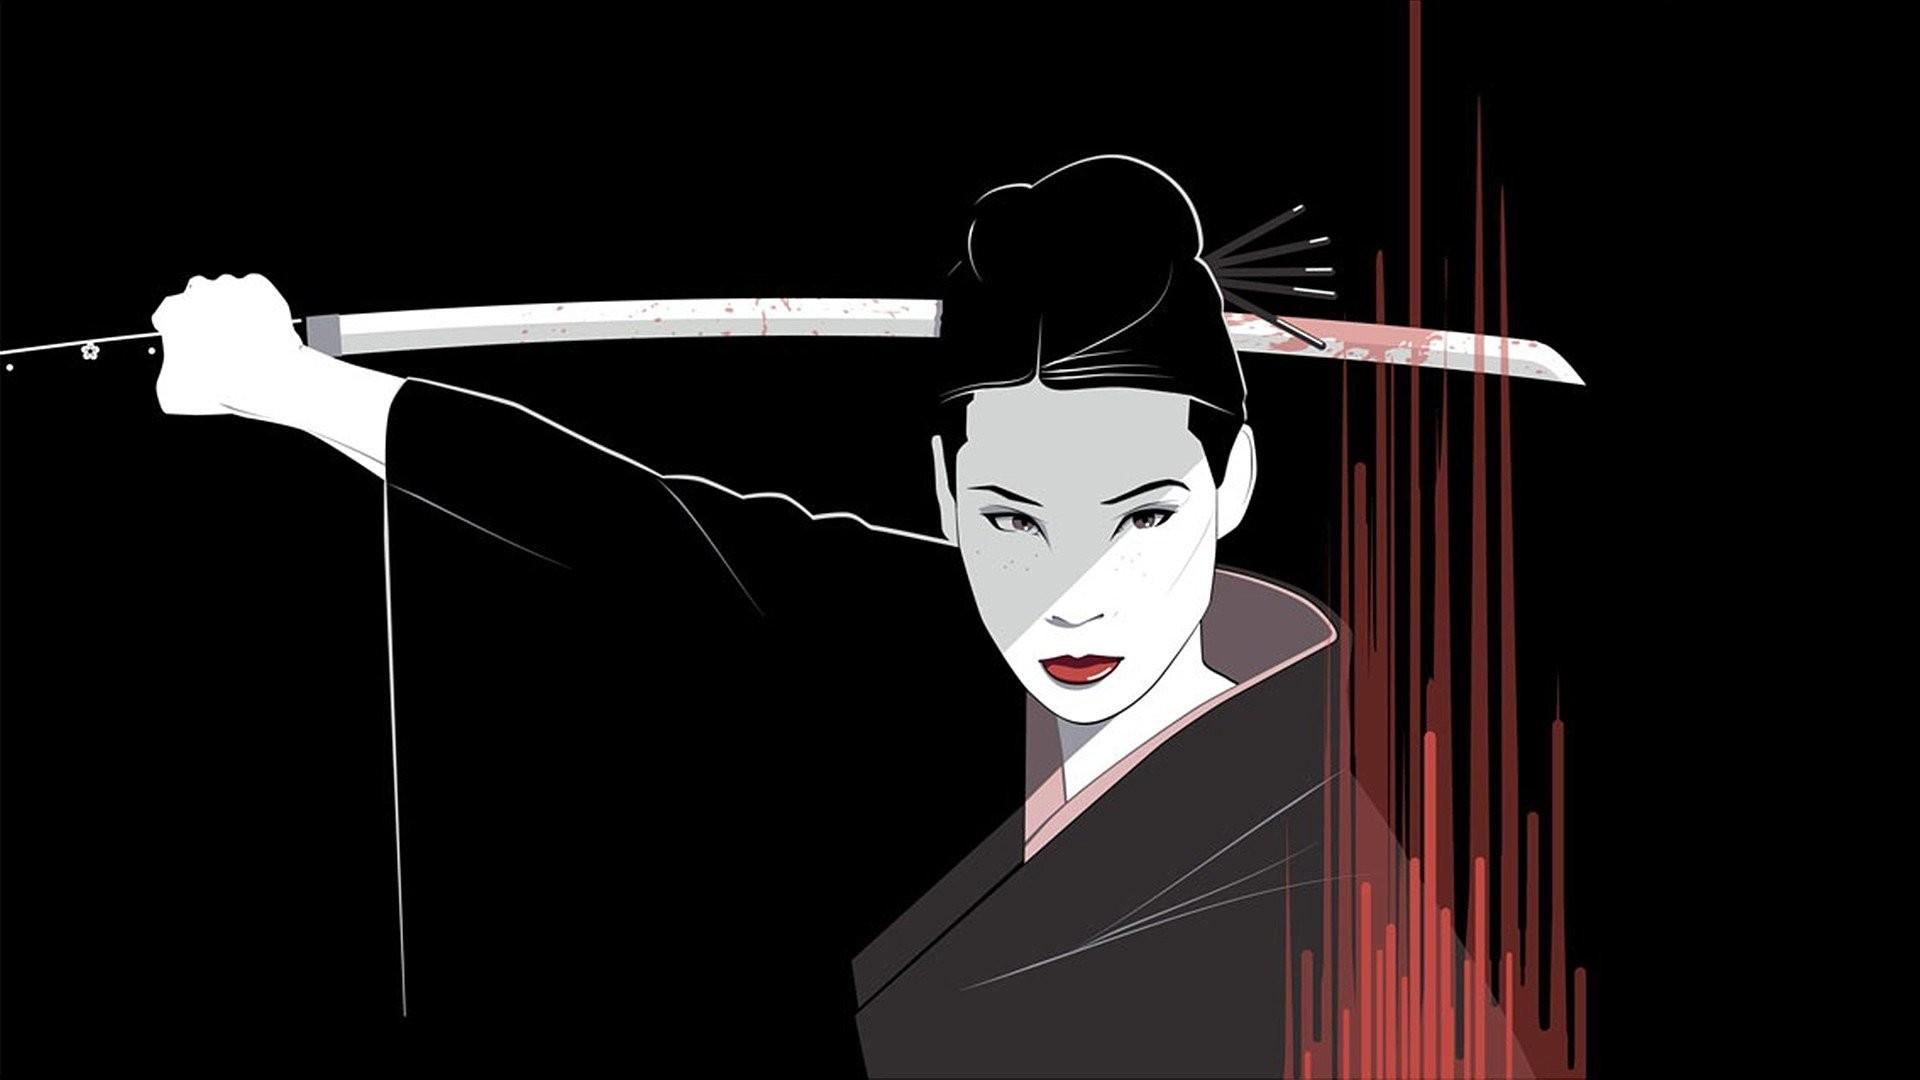 General 1920x1080 Kill Bill Lucy Liu Craig Drake fan art drawing movies anime